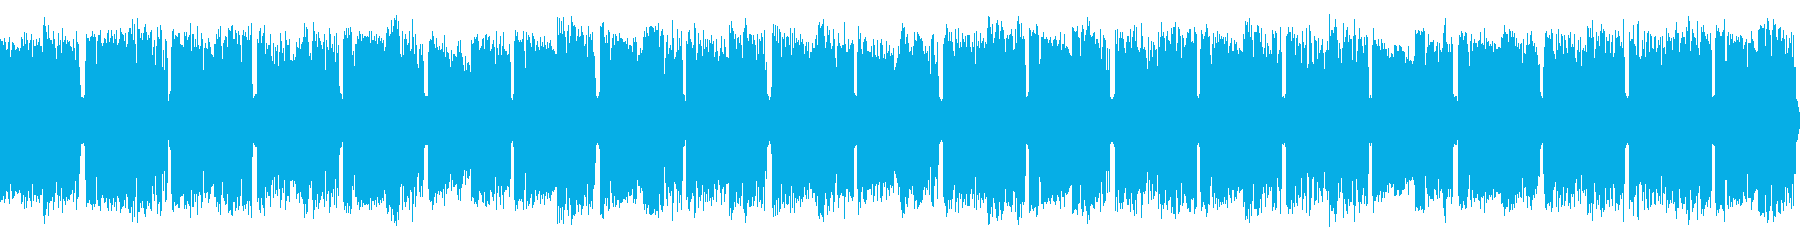 アラート音 ロング版 注意 警告 危ないの再生済みの波形